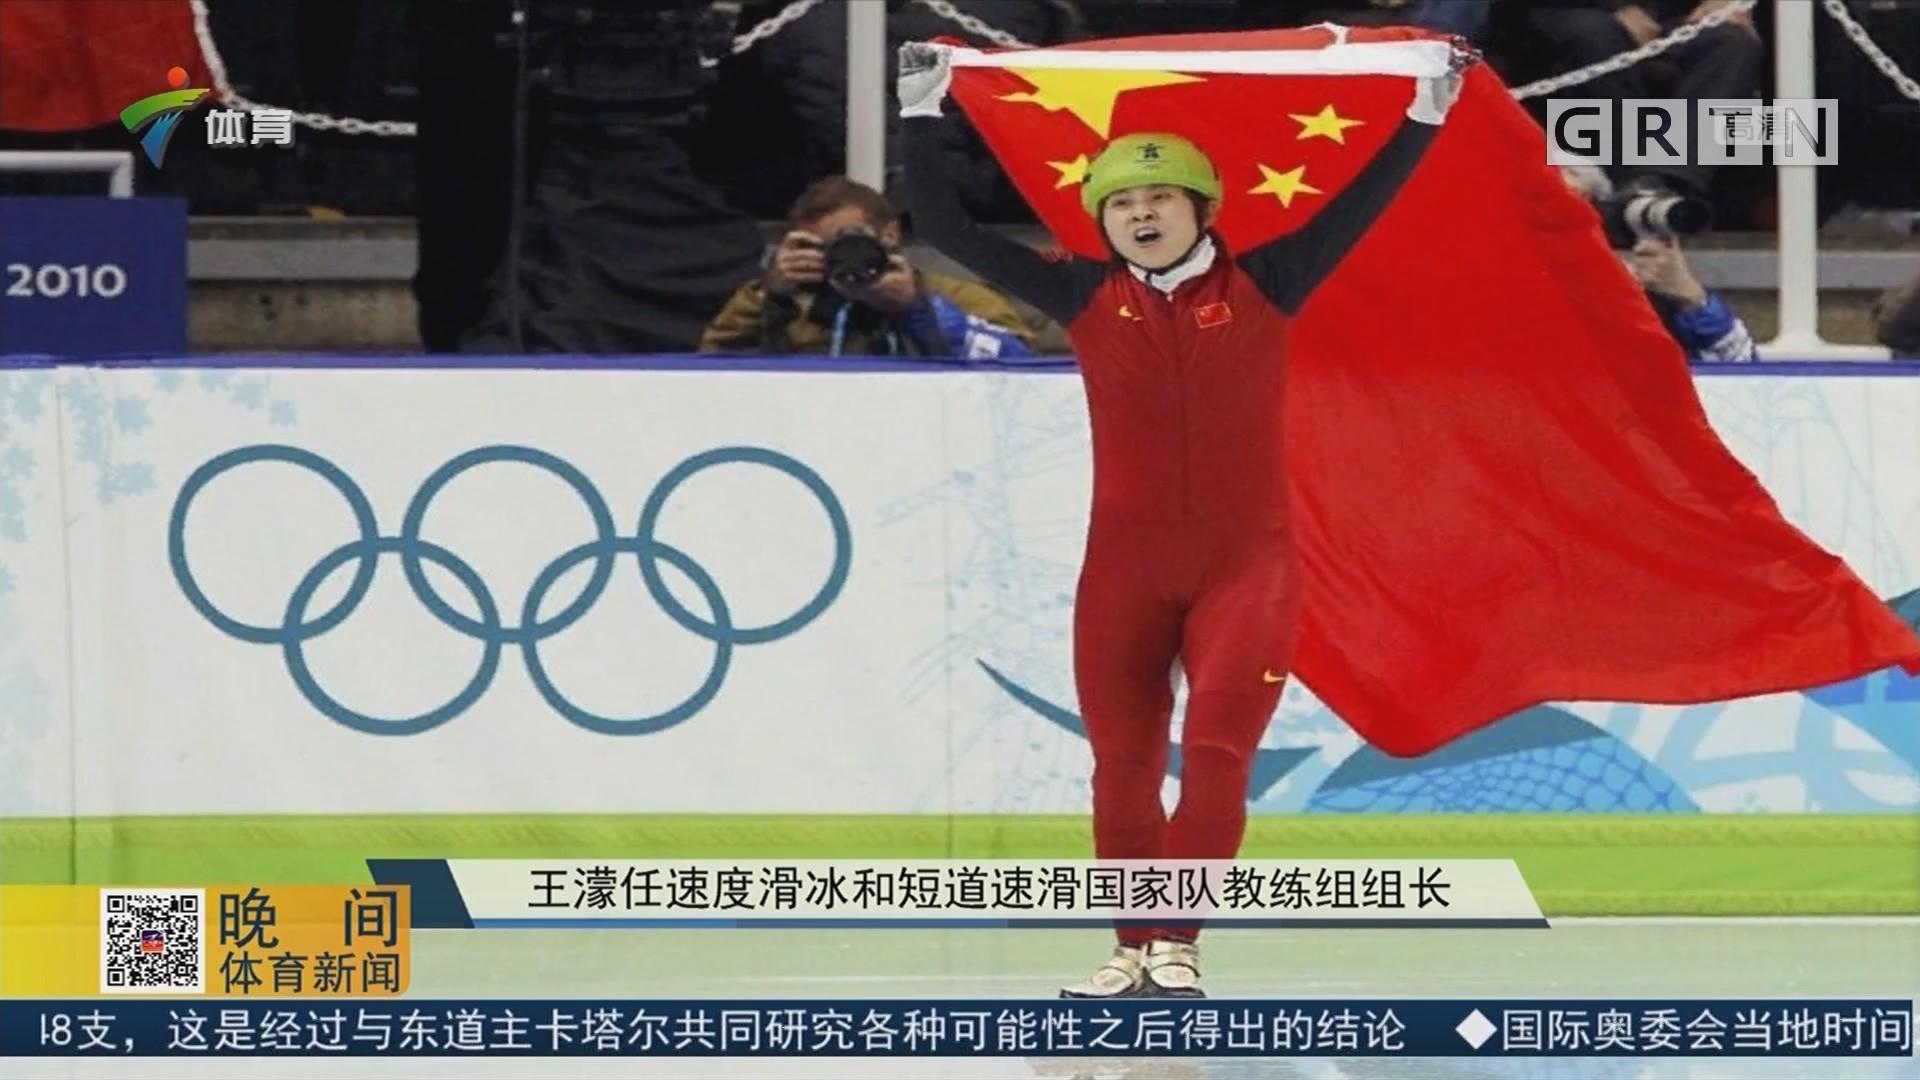 王濛任速度滑冰和短道速滑国家队教练组组长